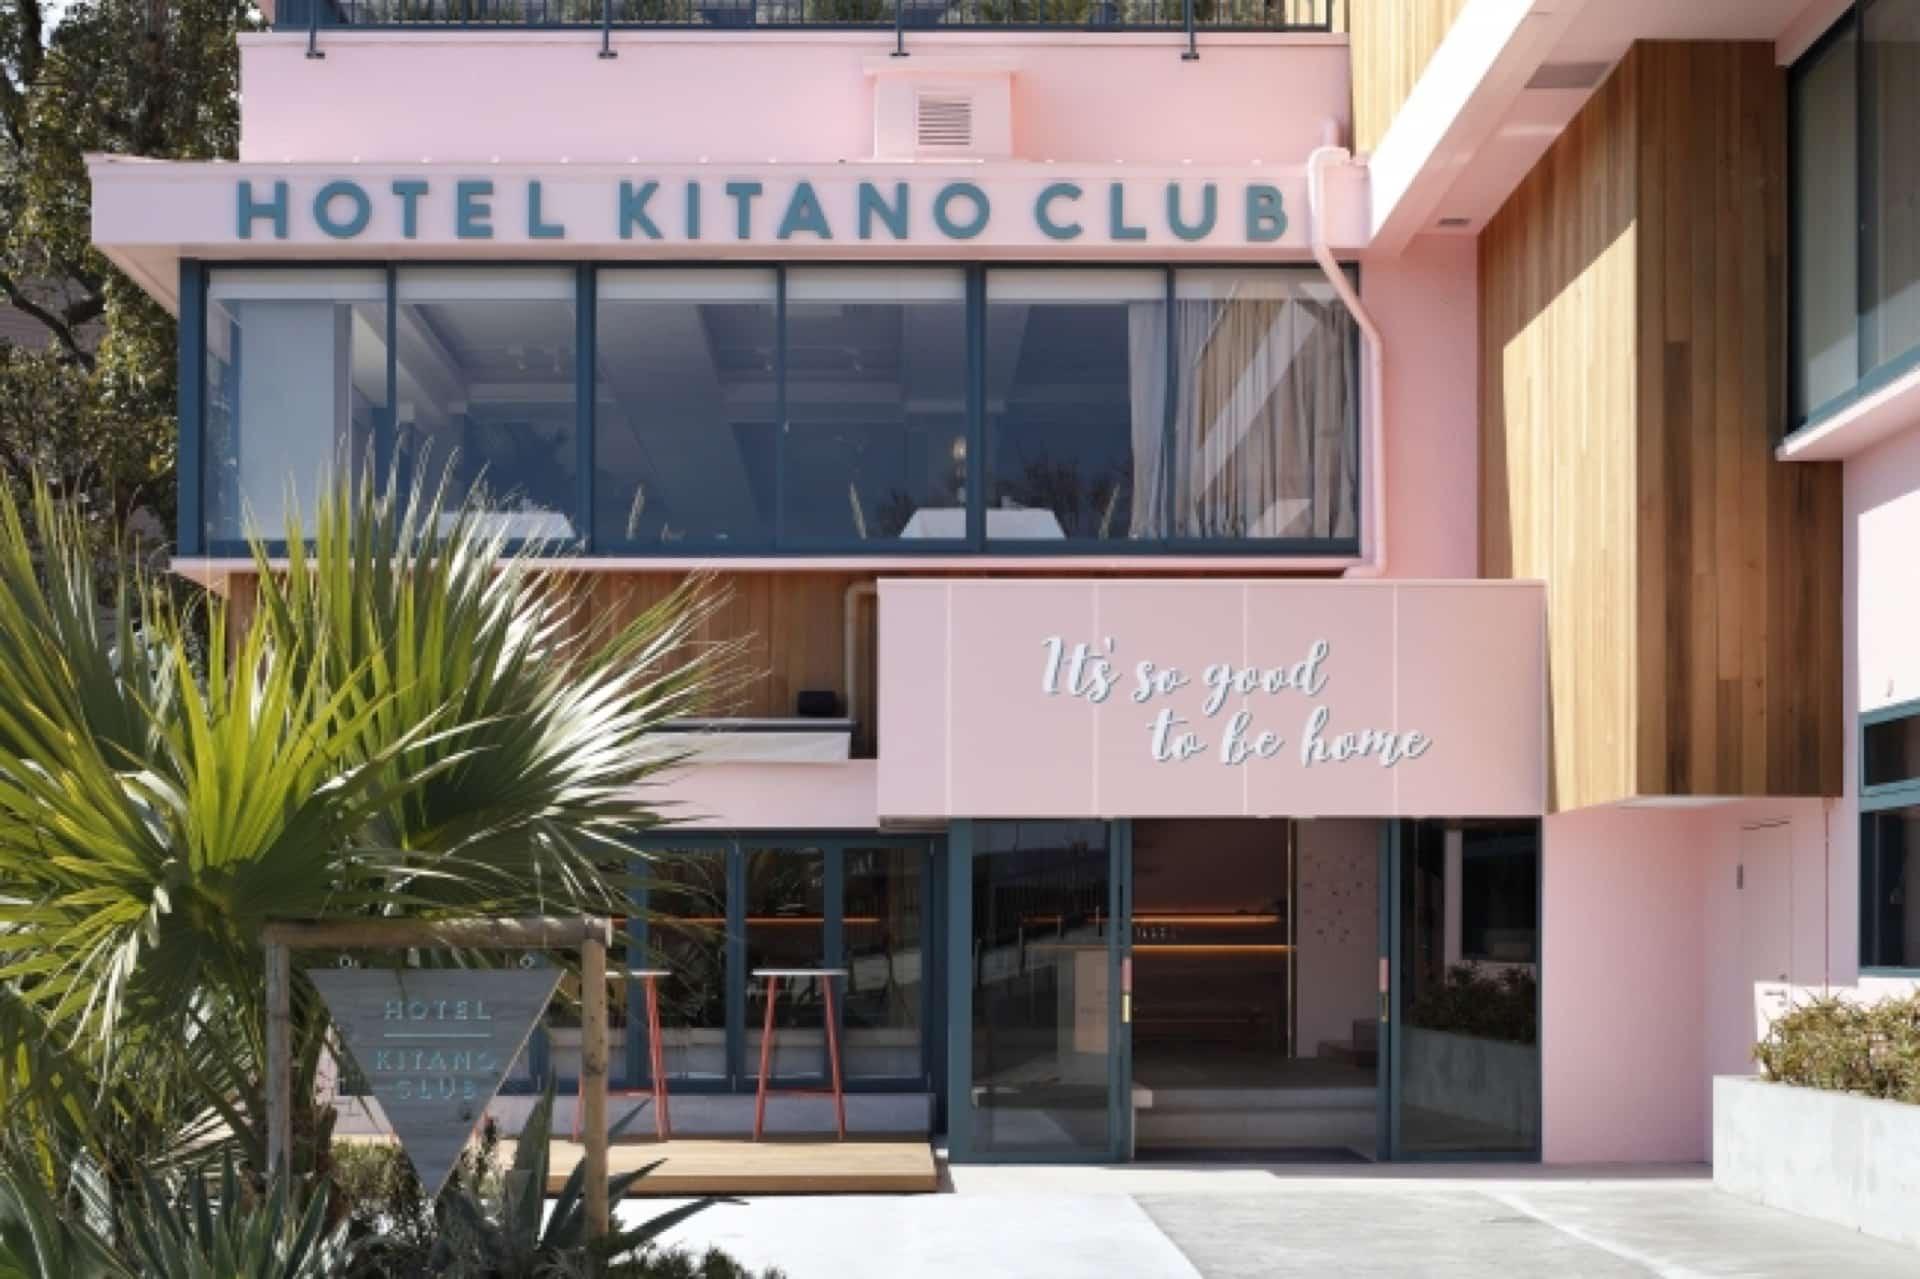 北野クラブの新業態「HOTEL KITANO CLUB」がオープン!フォトジェニックなウエディング&レストラン